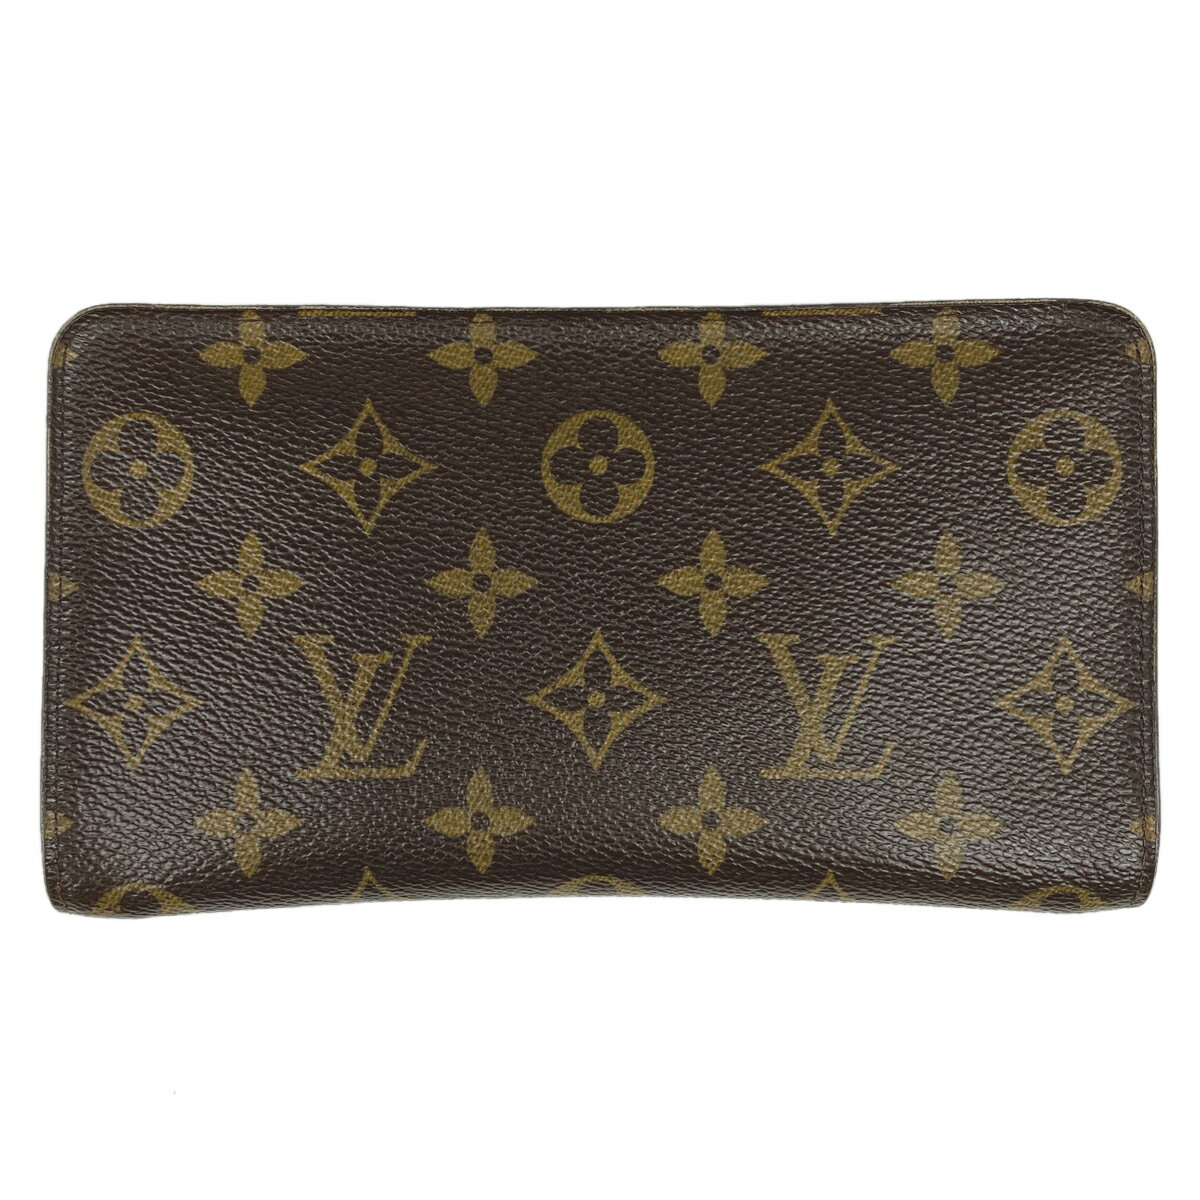 財布・ケース, レディース財布  Louis Vuitton M61727